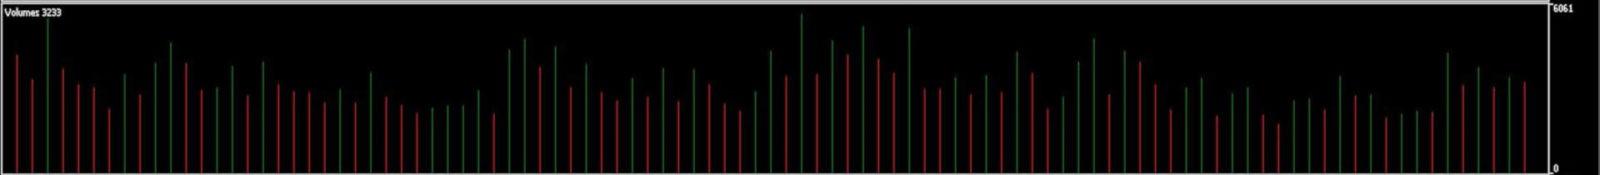 Volumen-Trading: Indikatoren und Strategien